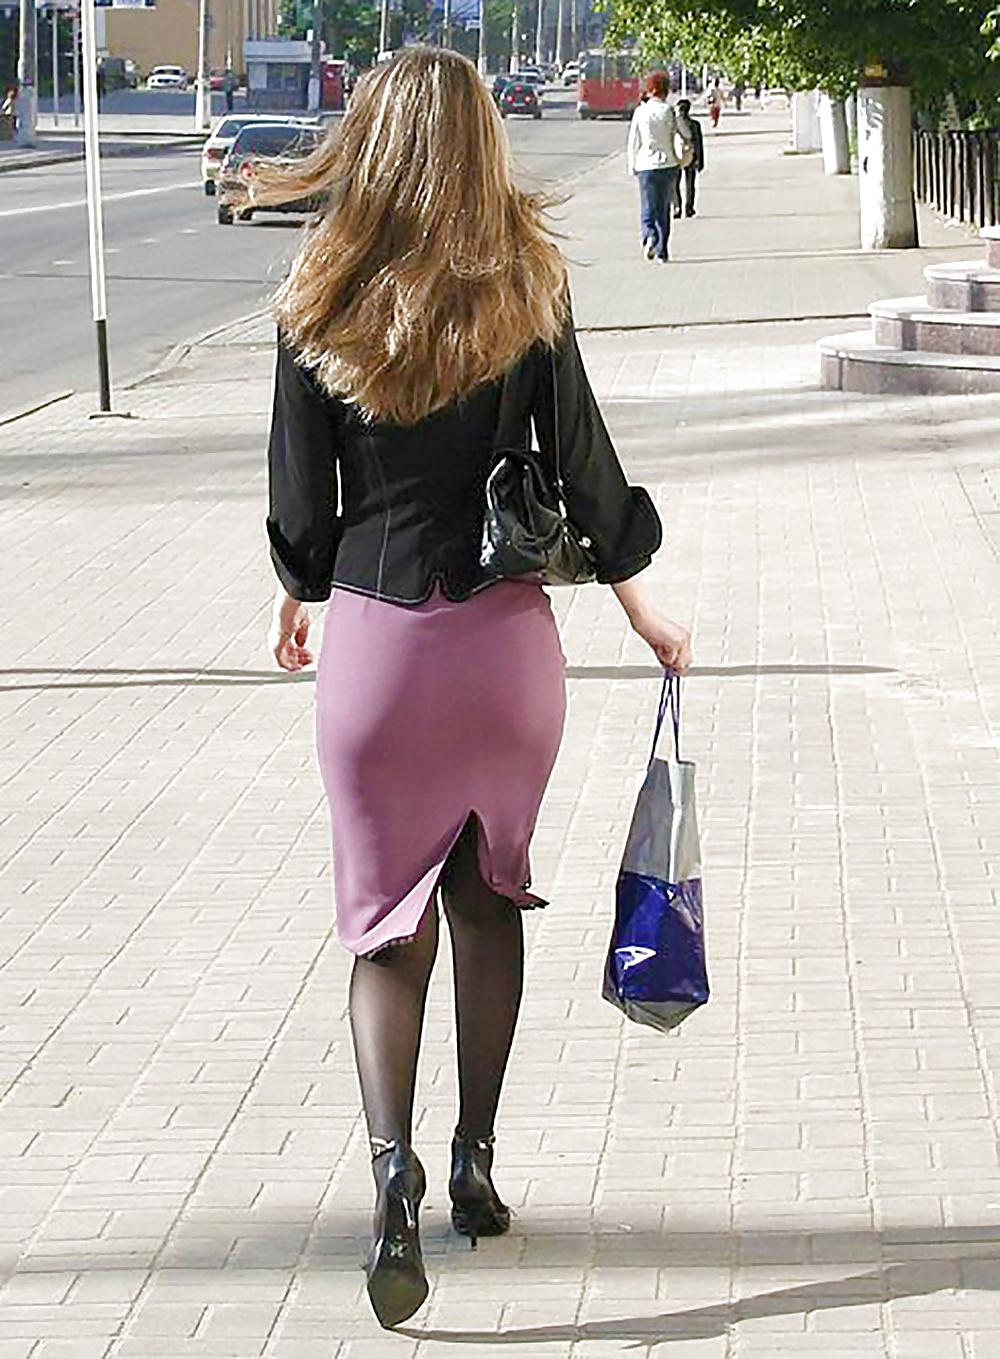 Красивые девушки в юбках делают минет в офисе это